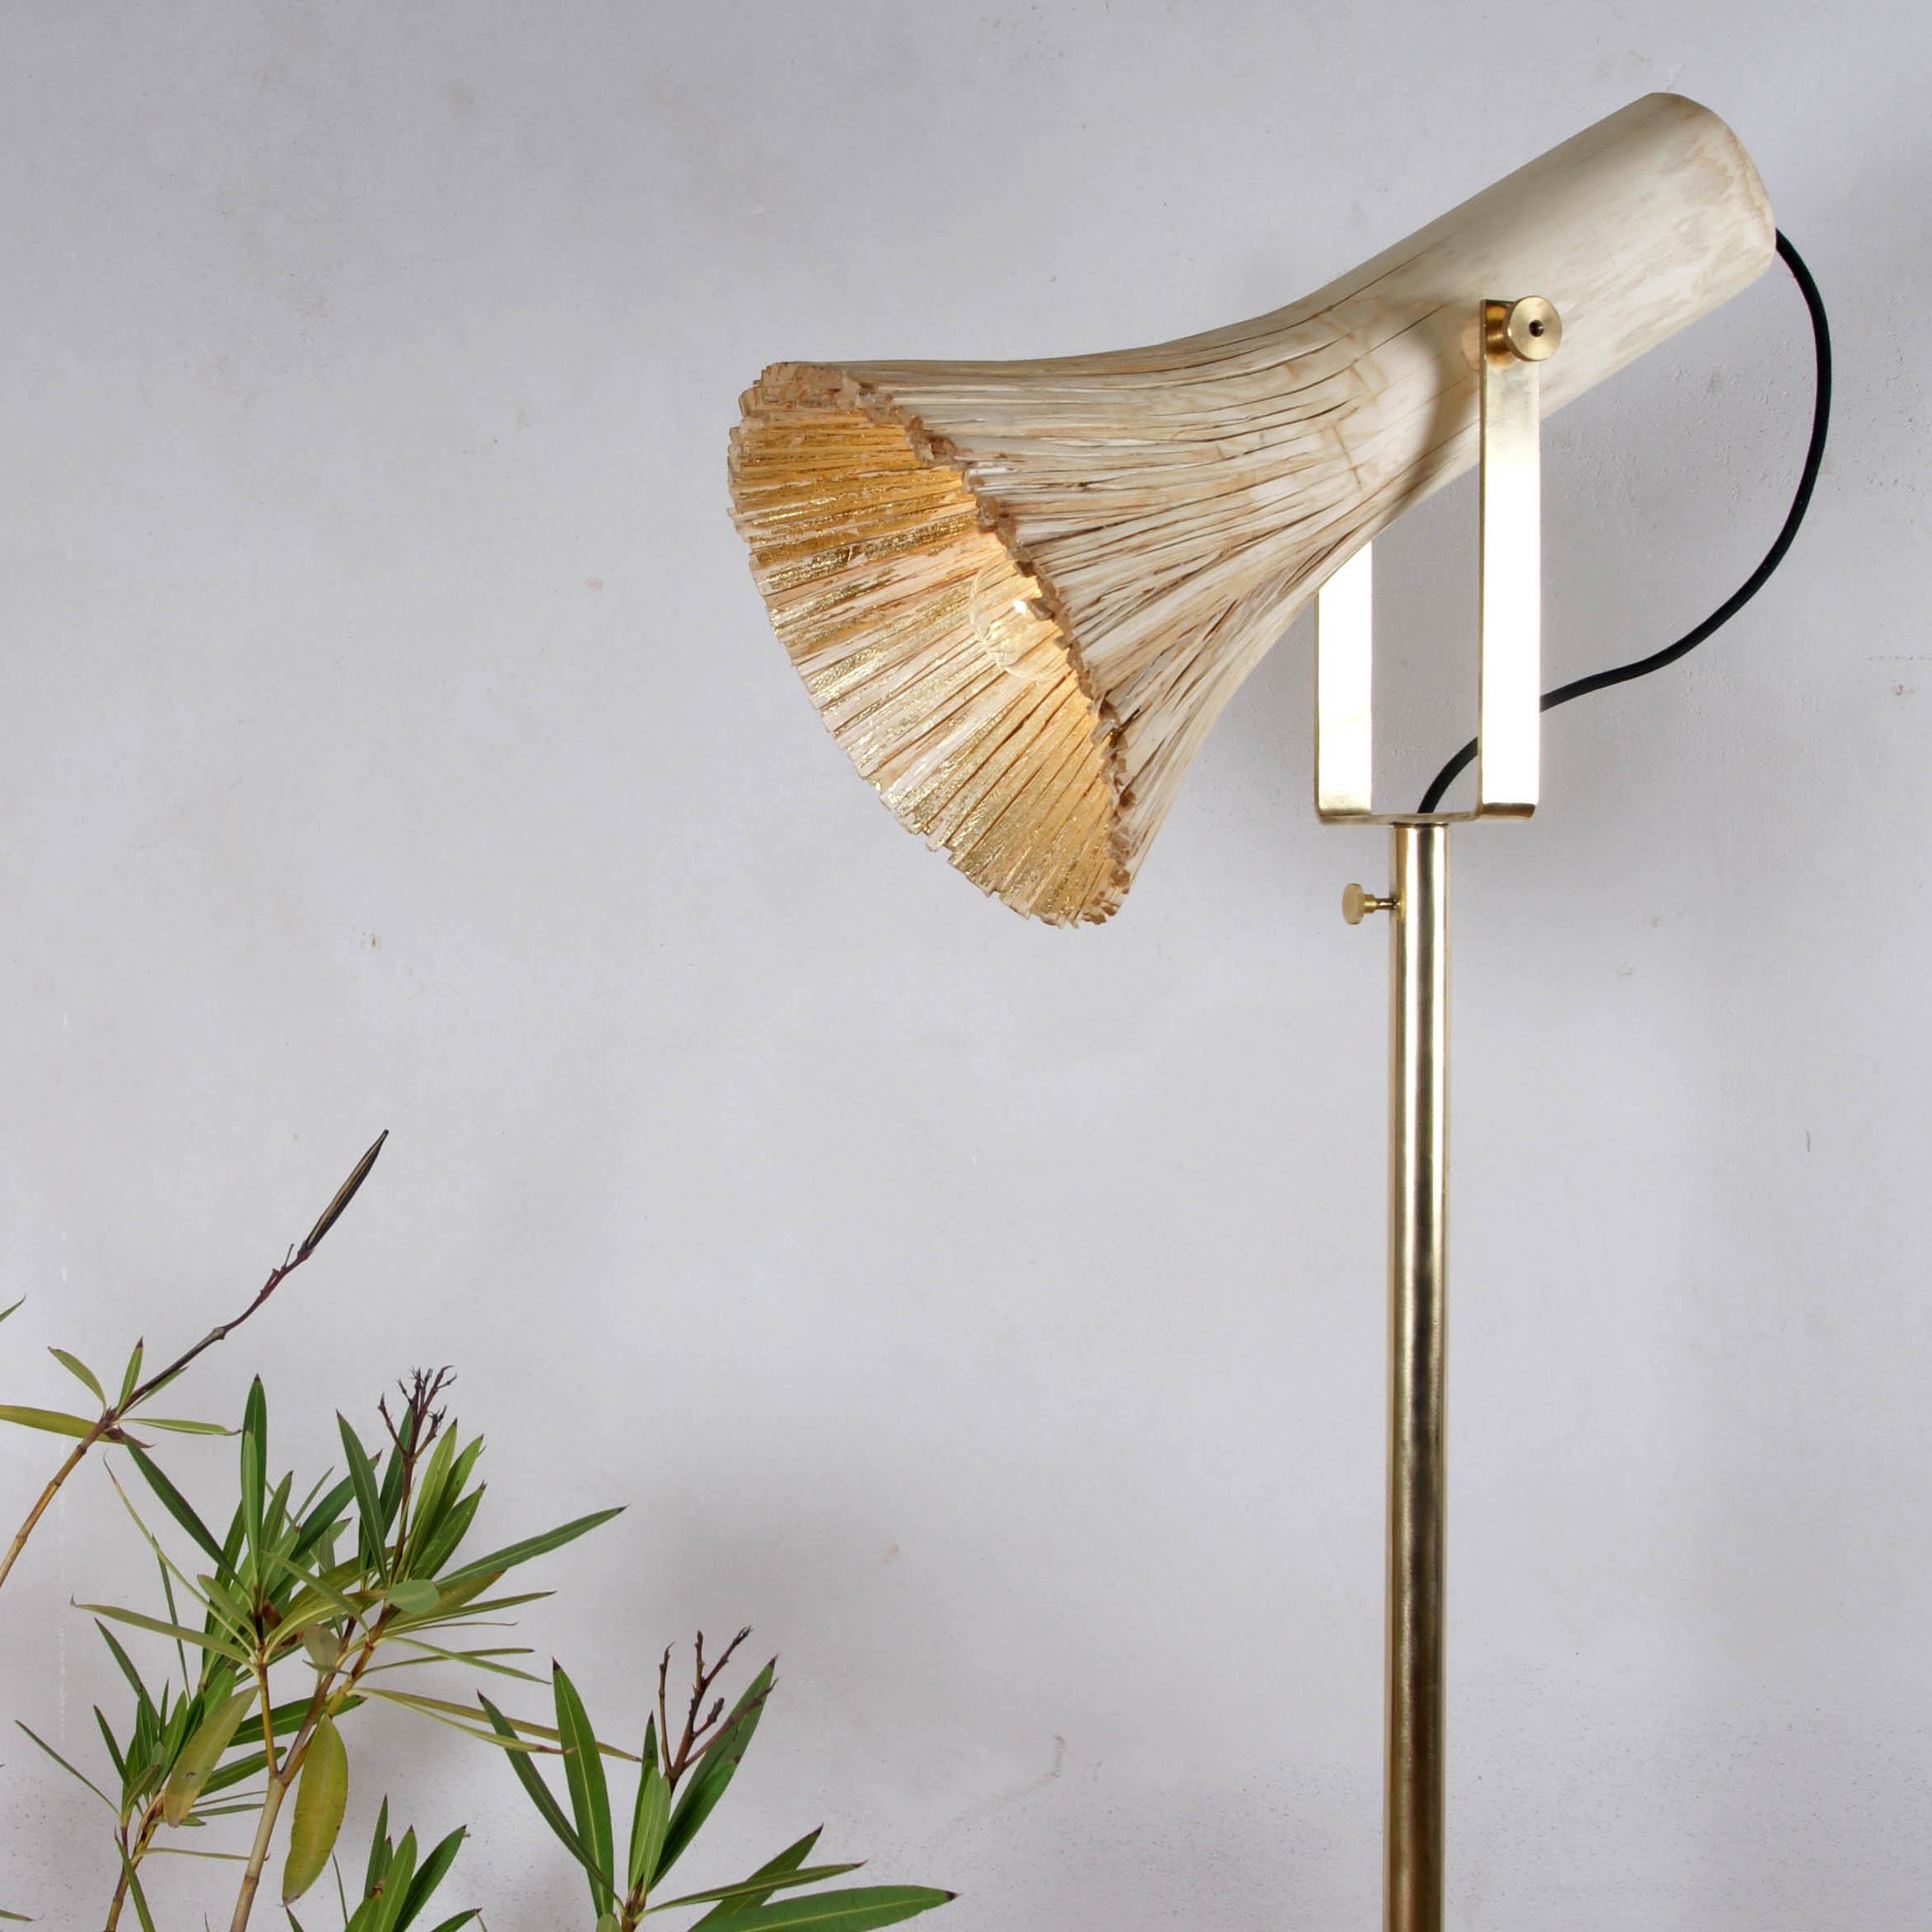 Pressed Wood floor light lamp.jpg